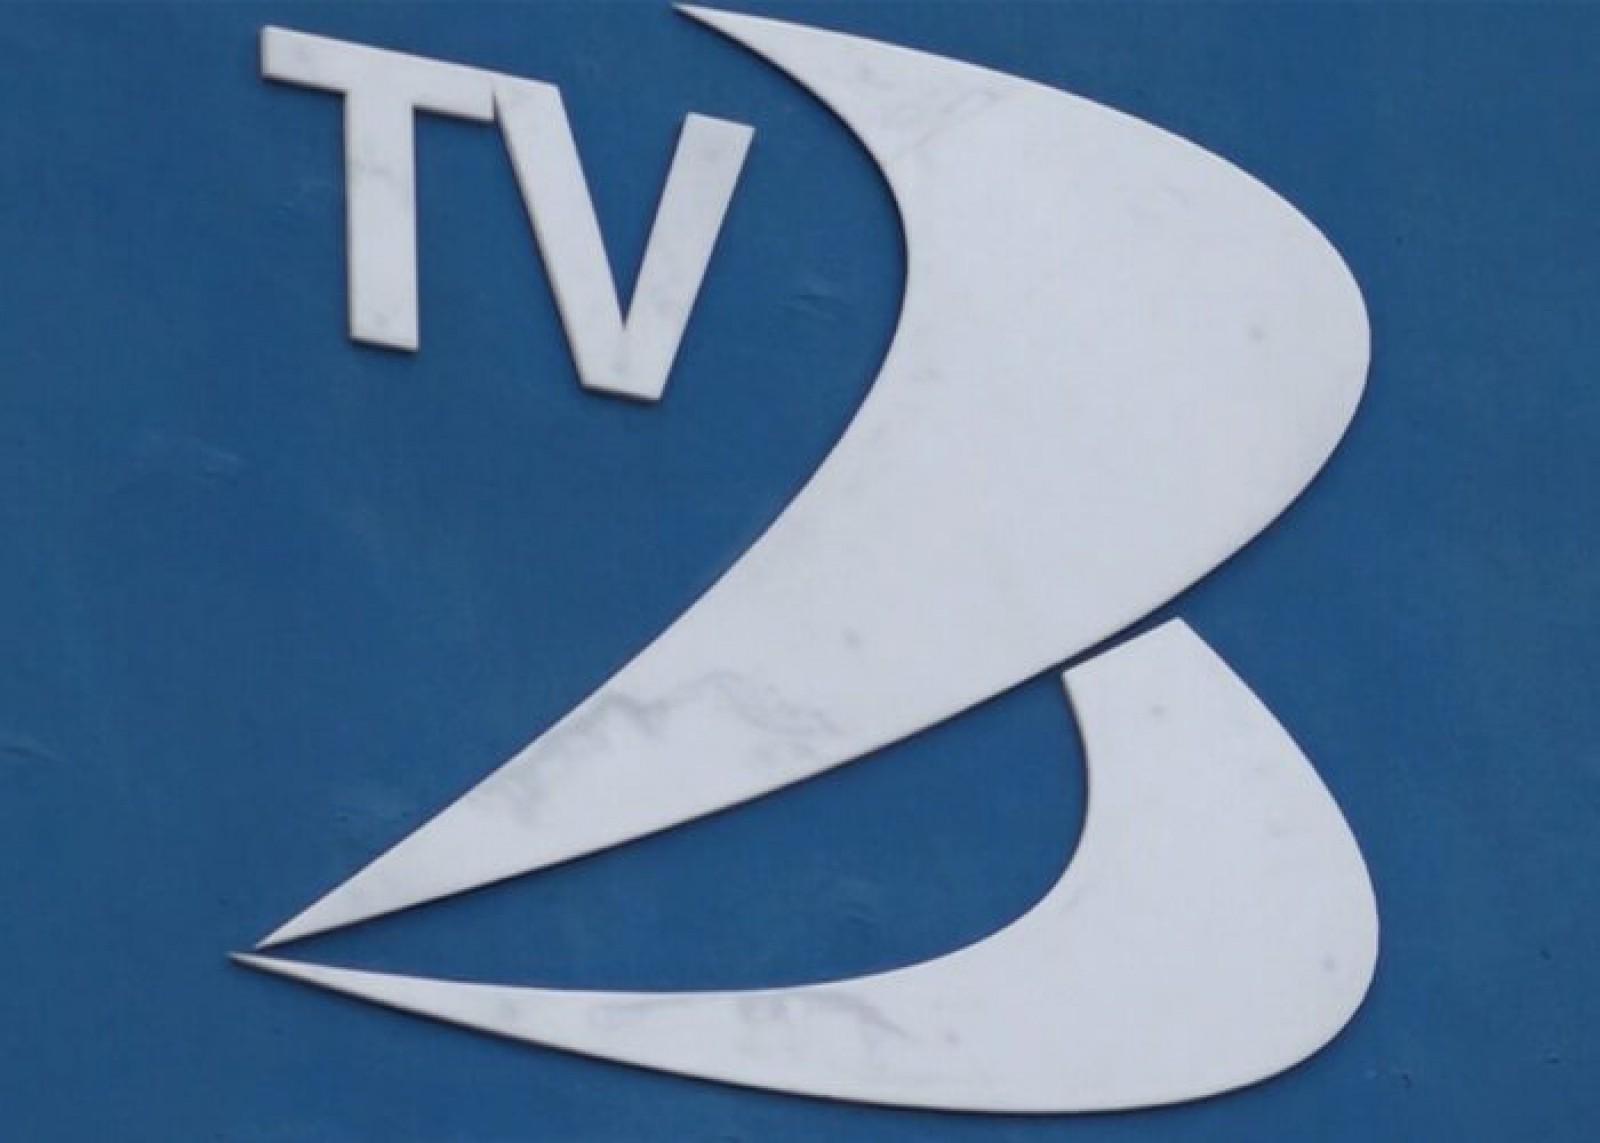 Televiziunea din Bălți a atacat în judecată compania Moldtelecom din cauza refuzului de a include postul TV în rețeaua de distribuție